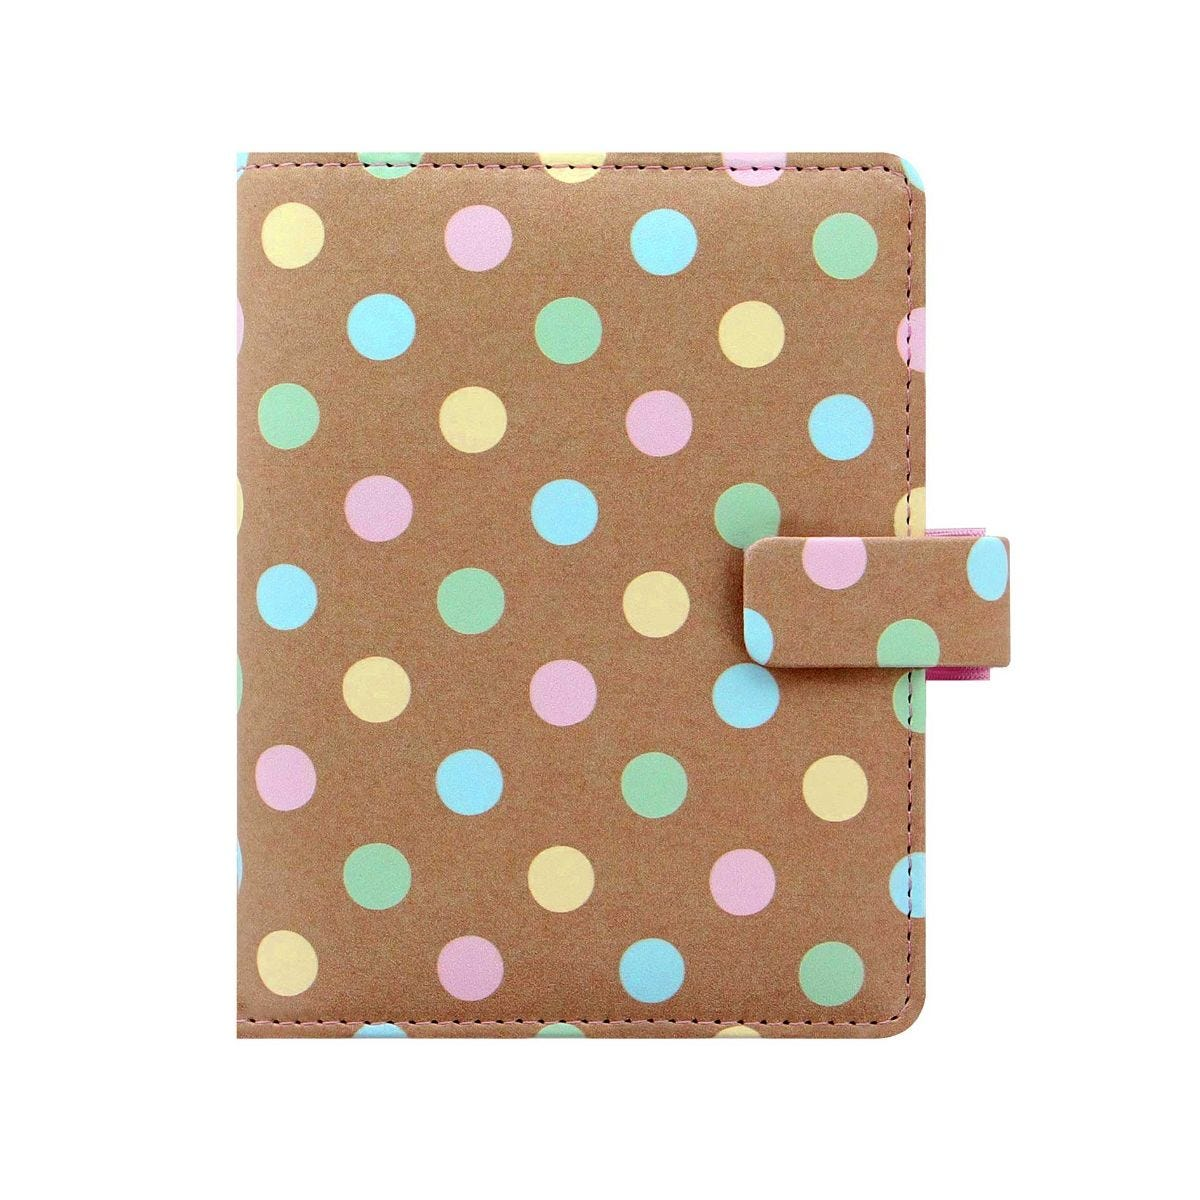 Filofax Pocket Kraft Spots Organiser, Pastel Spots